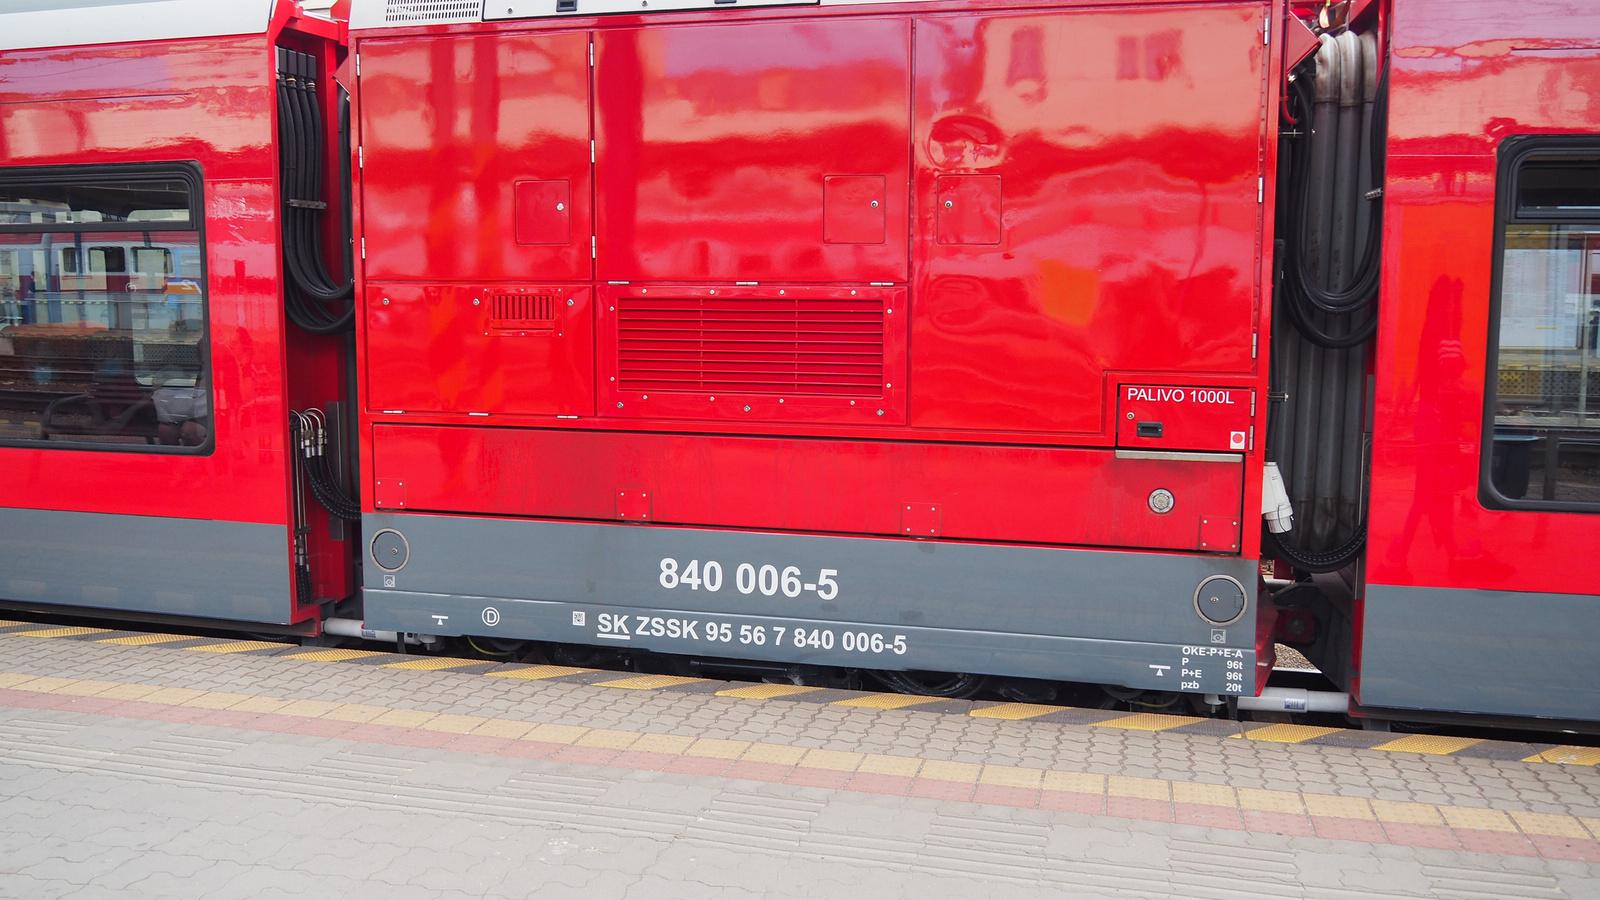 SK-ZSSK 95 56 7 840 006-5, SzG3